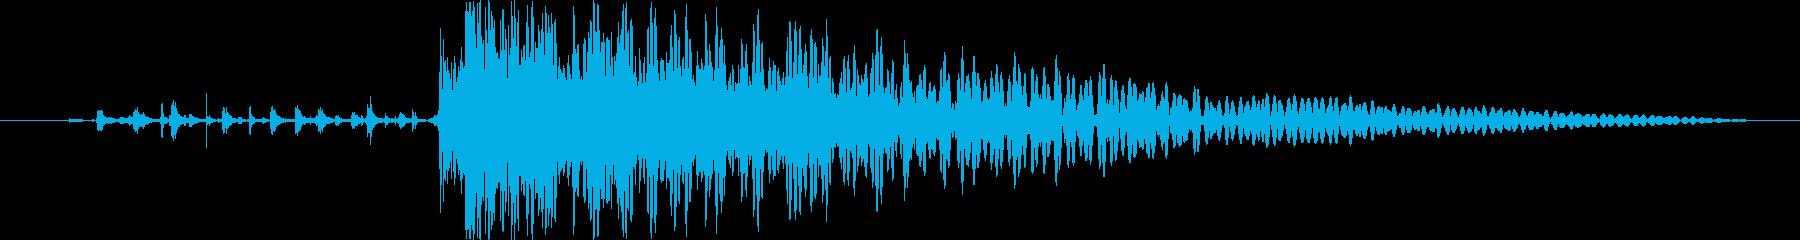 衝撃 スマッシュ05の再生済みの波形